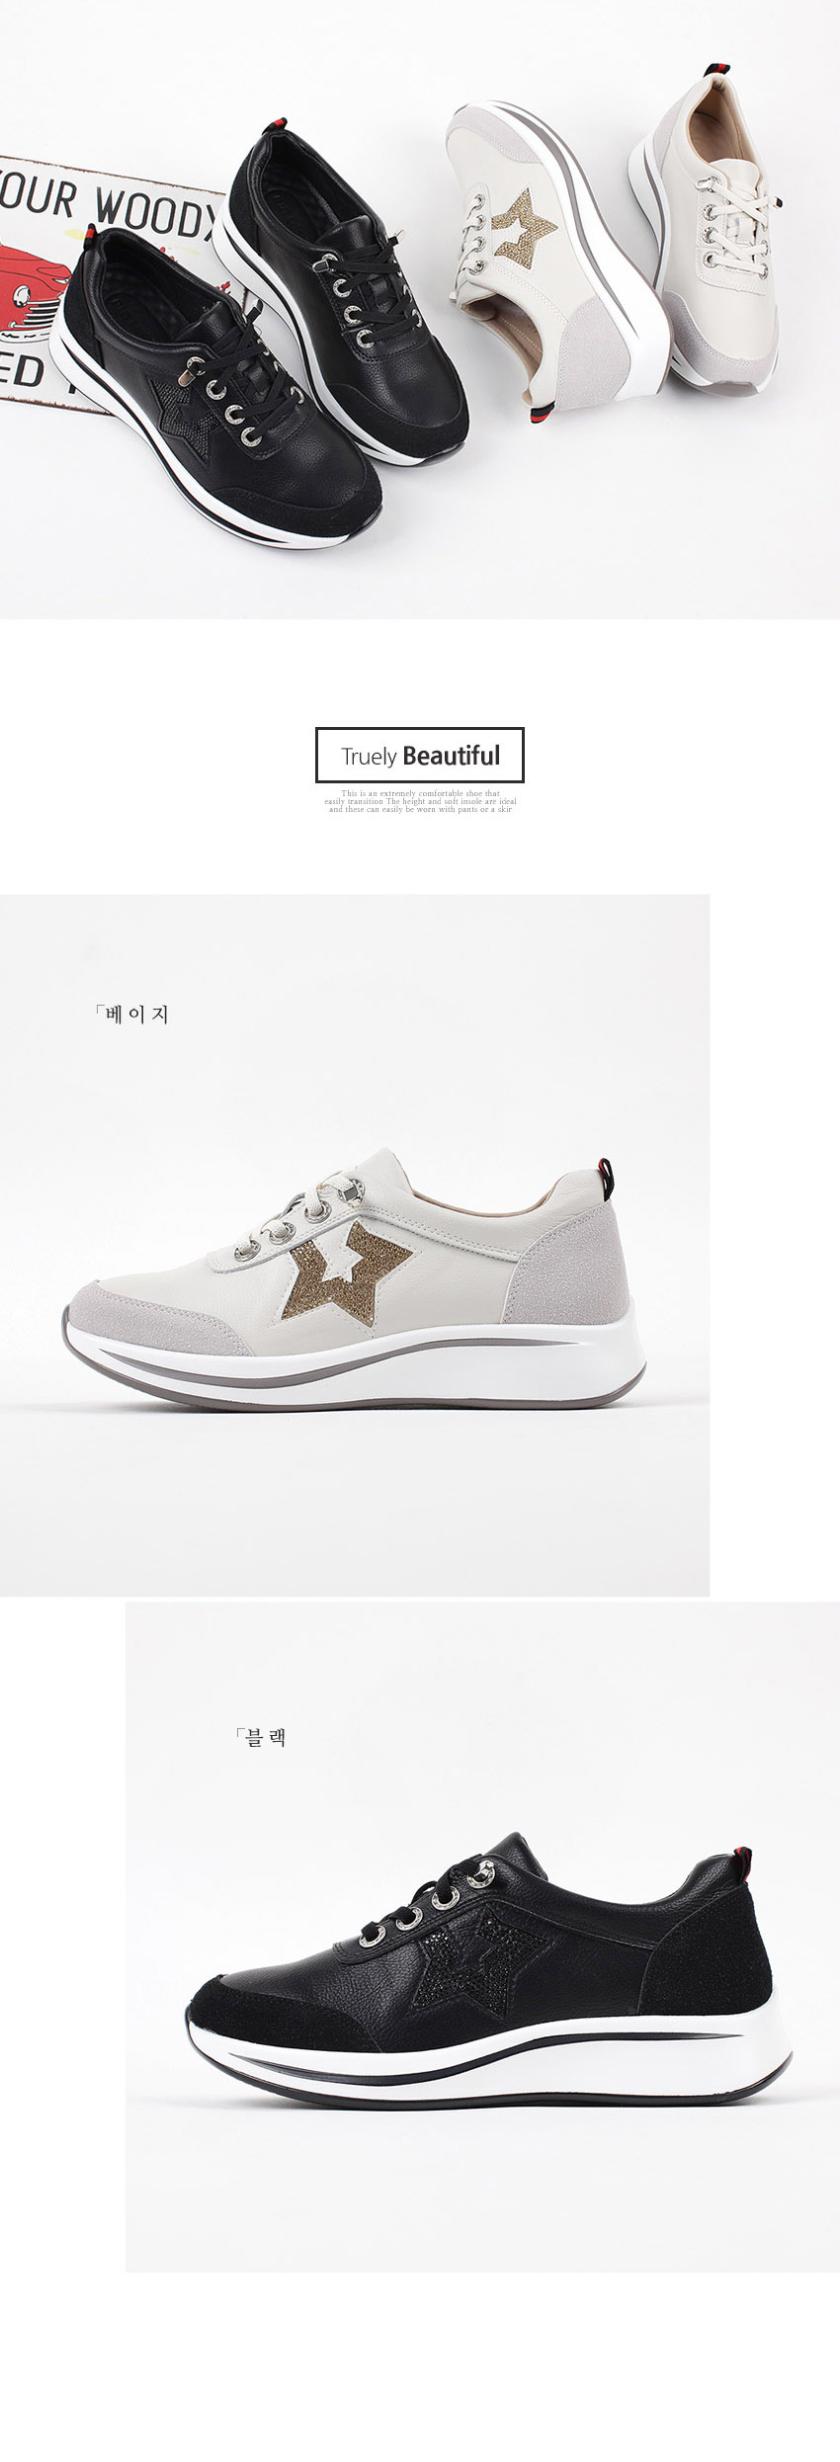 신발 상품 이미지-S1L4